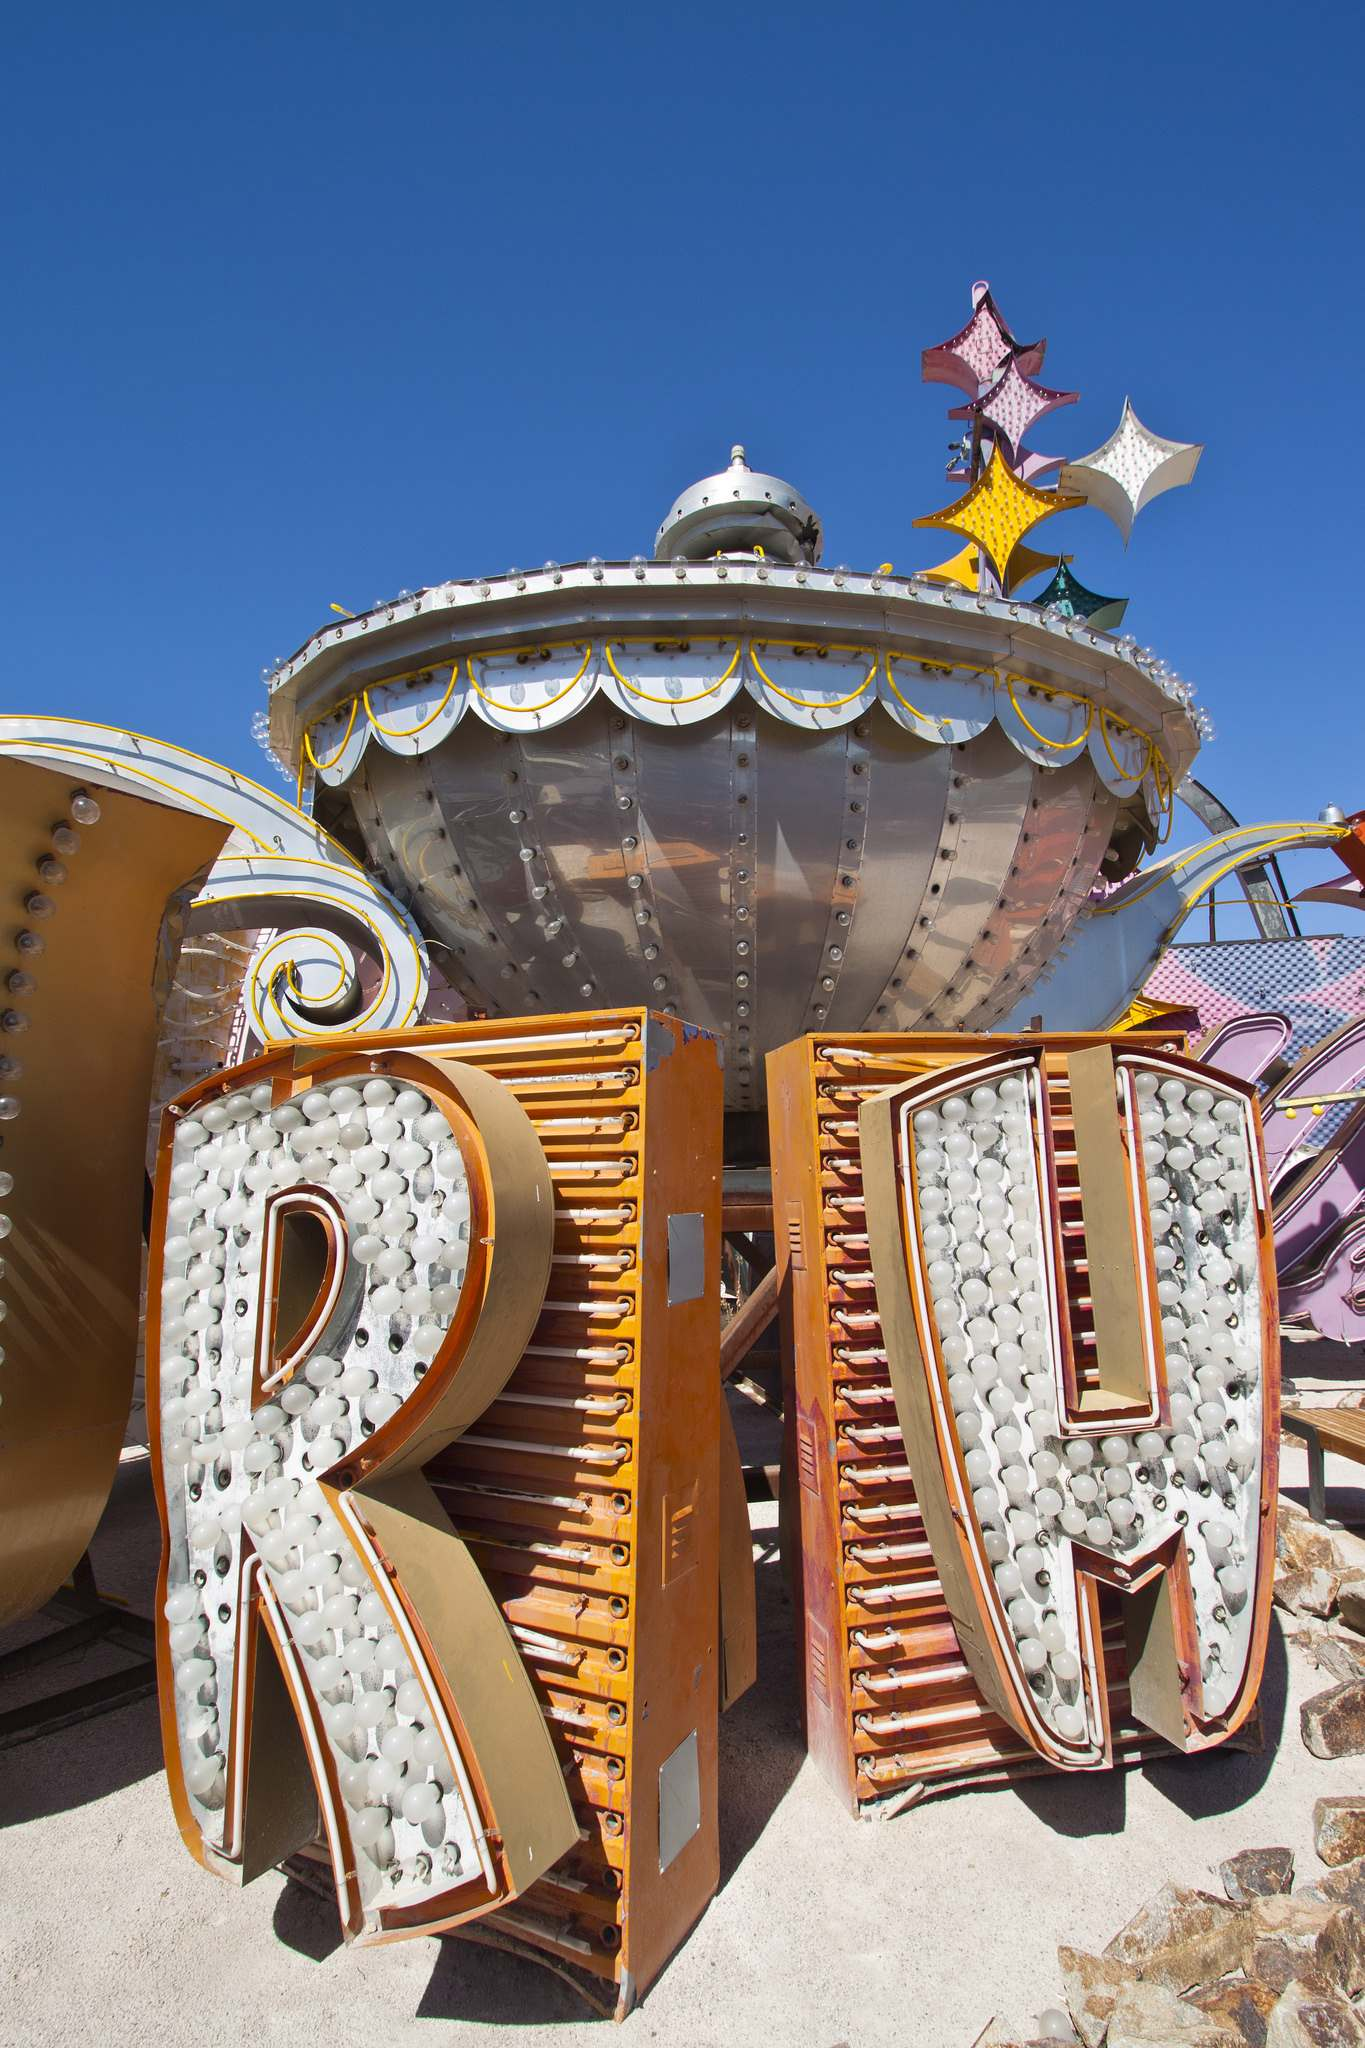 neon boneyard5 Las Vegas Neon Boneyard